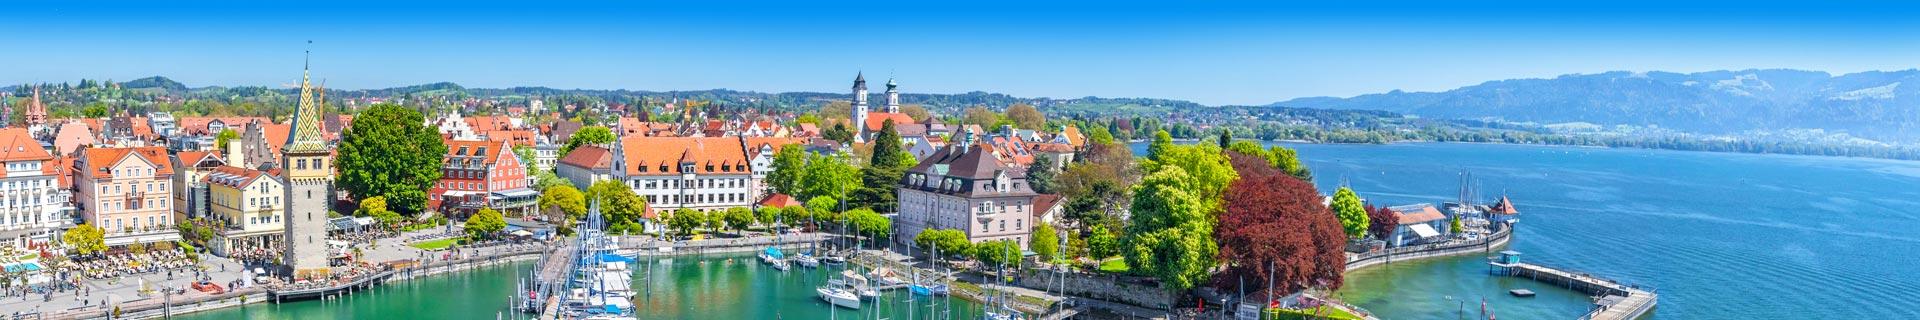 Prachtig uitzicht op een stad, haven en bergen in Duitsland